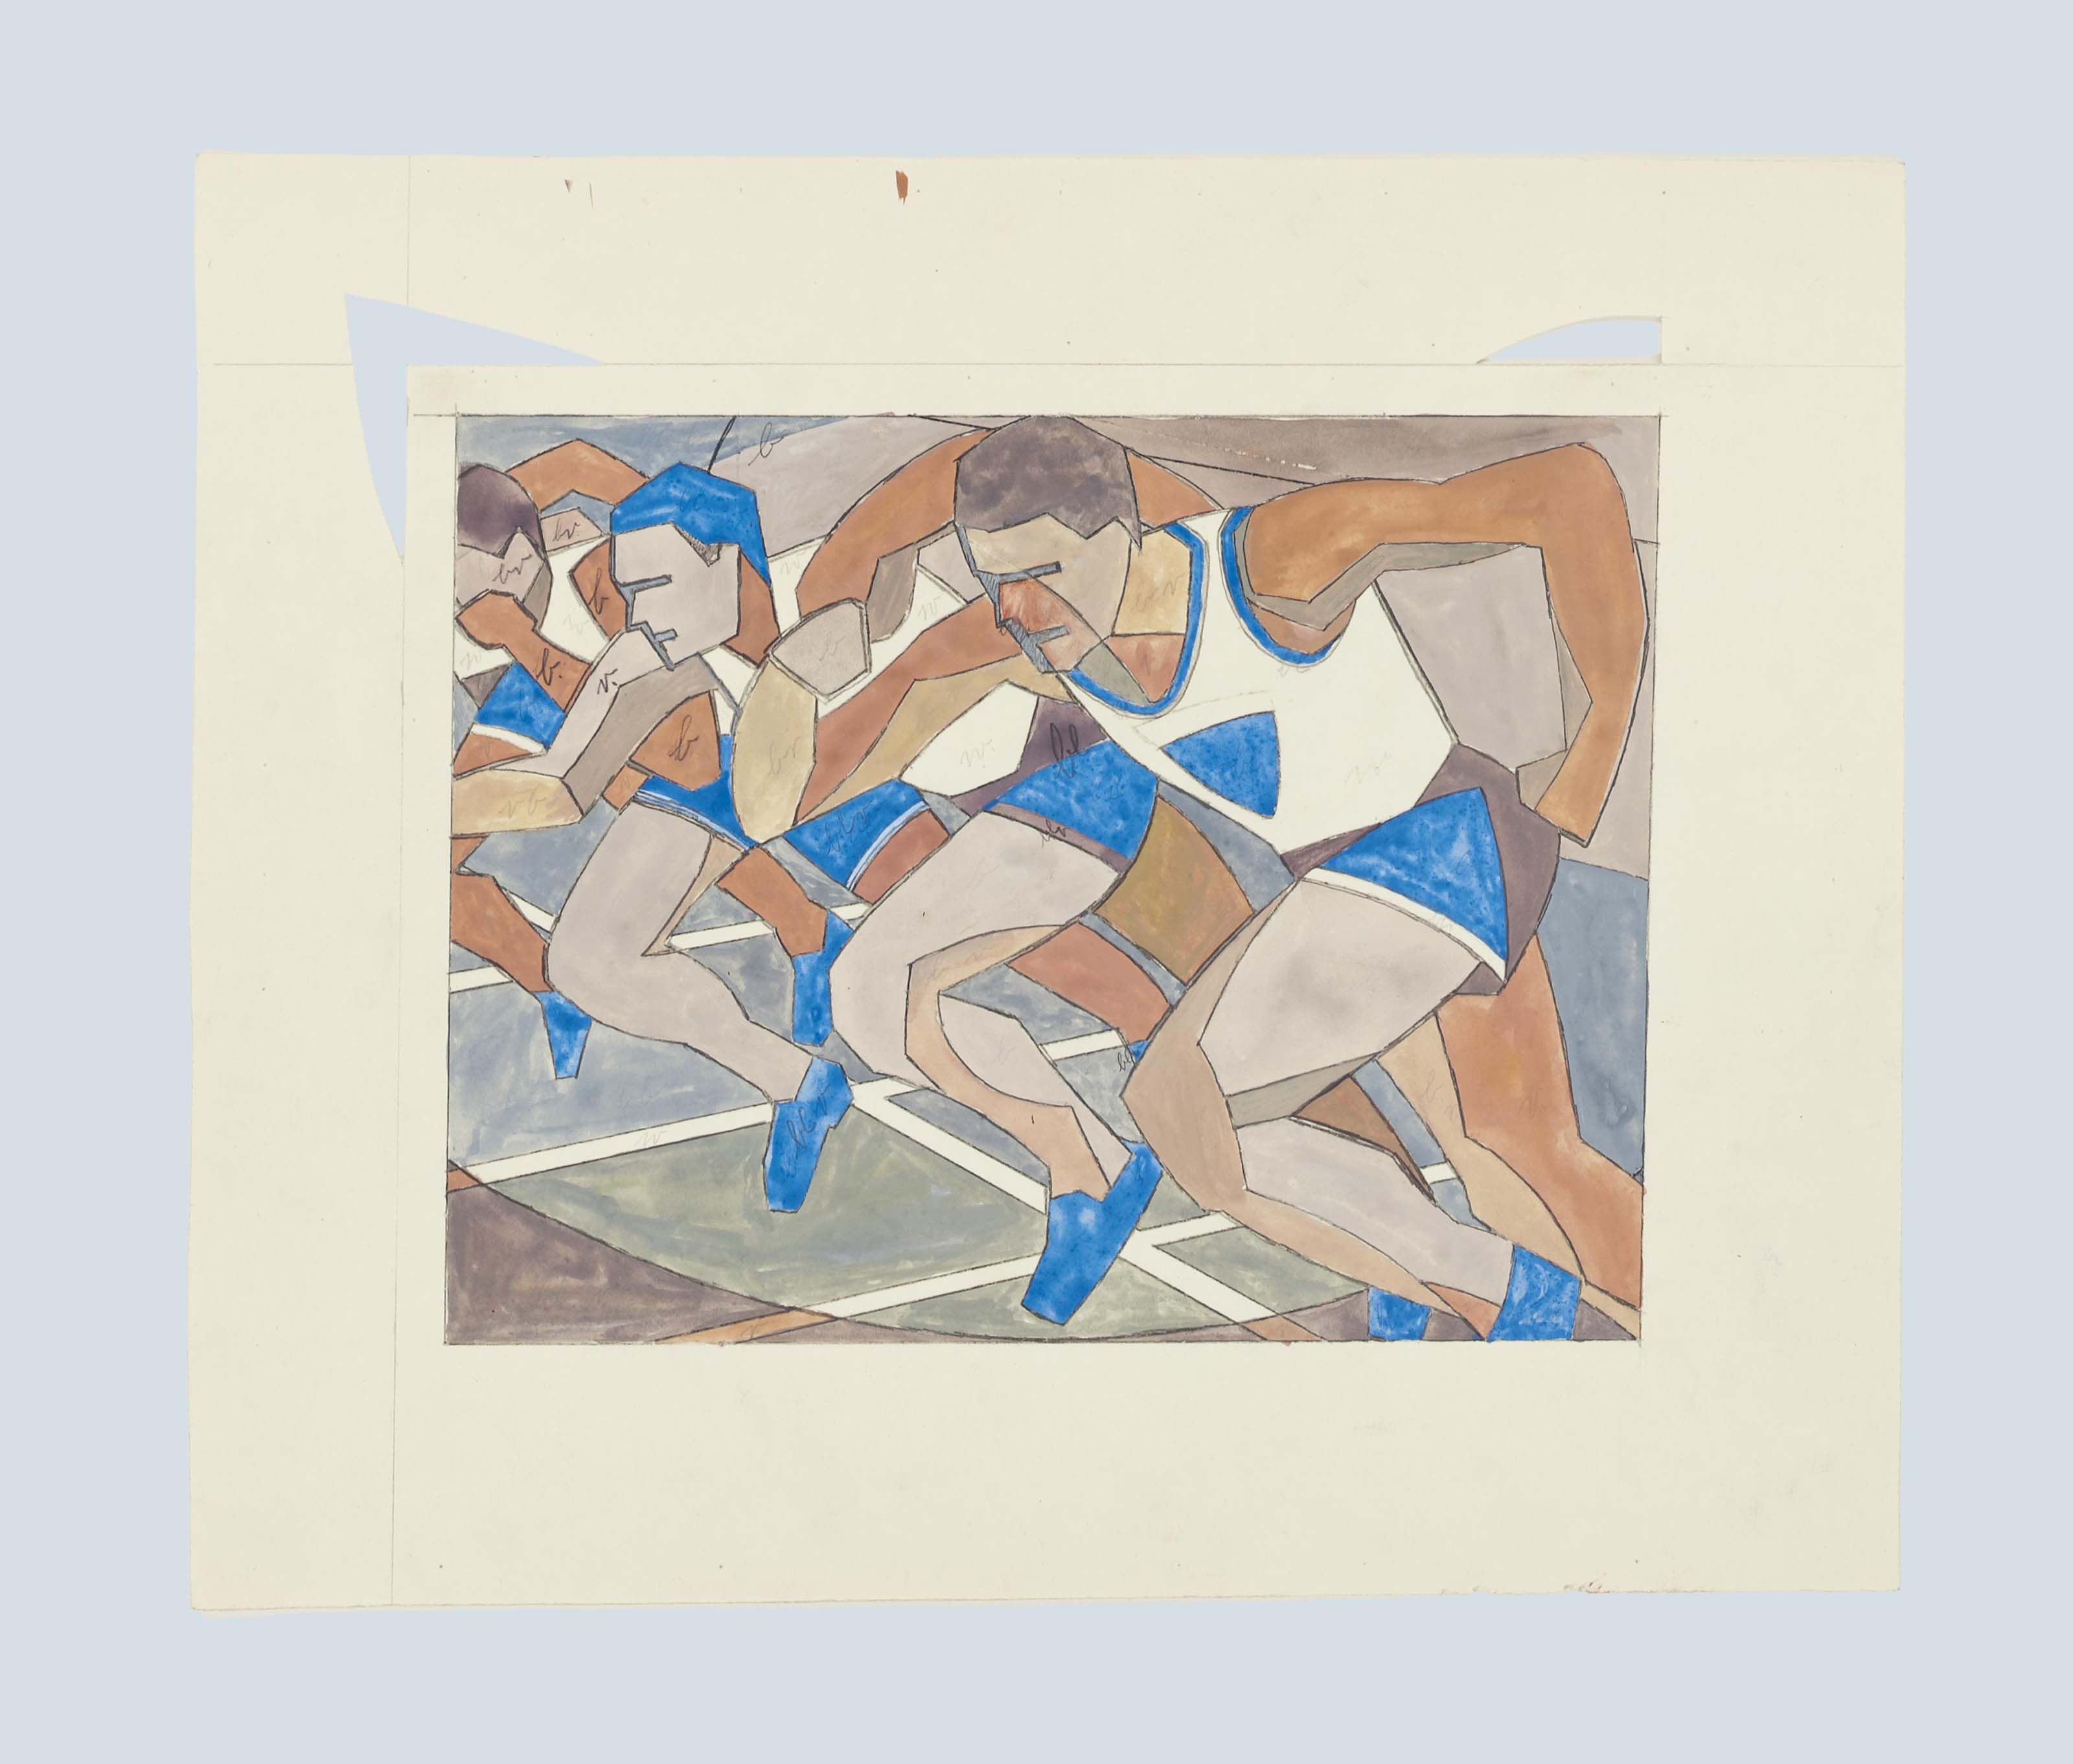 Lill Tschudi (1911-2001)